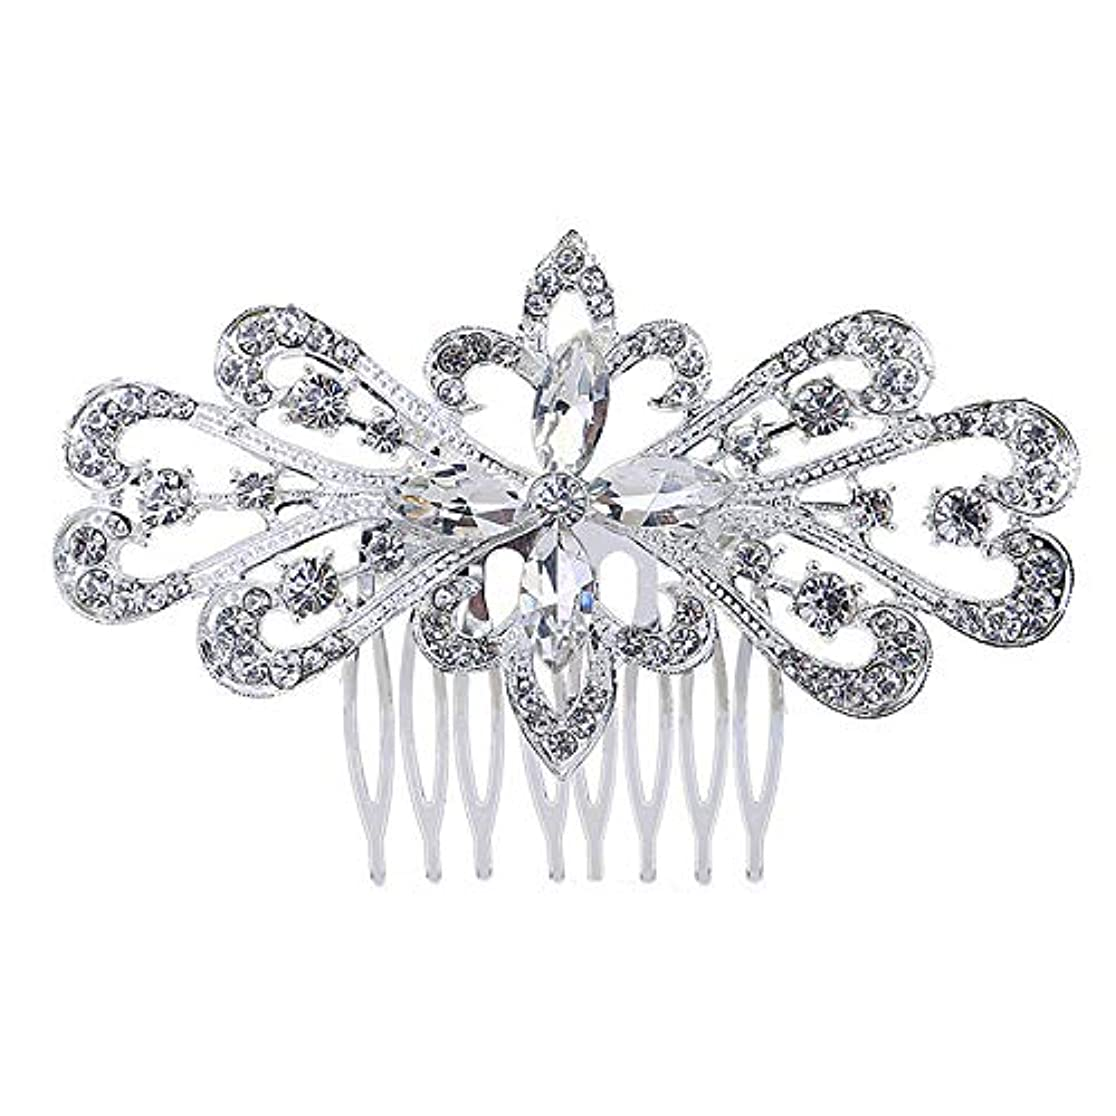 ピンチイヤホンハイランド髪の櫛の櫛の櫛の花嫁の髪の櫛の花の髪の櫛のラインストーンの挿入物の櫛の合金の帽子の結婚式のアクセサリー